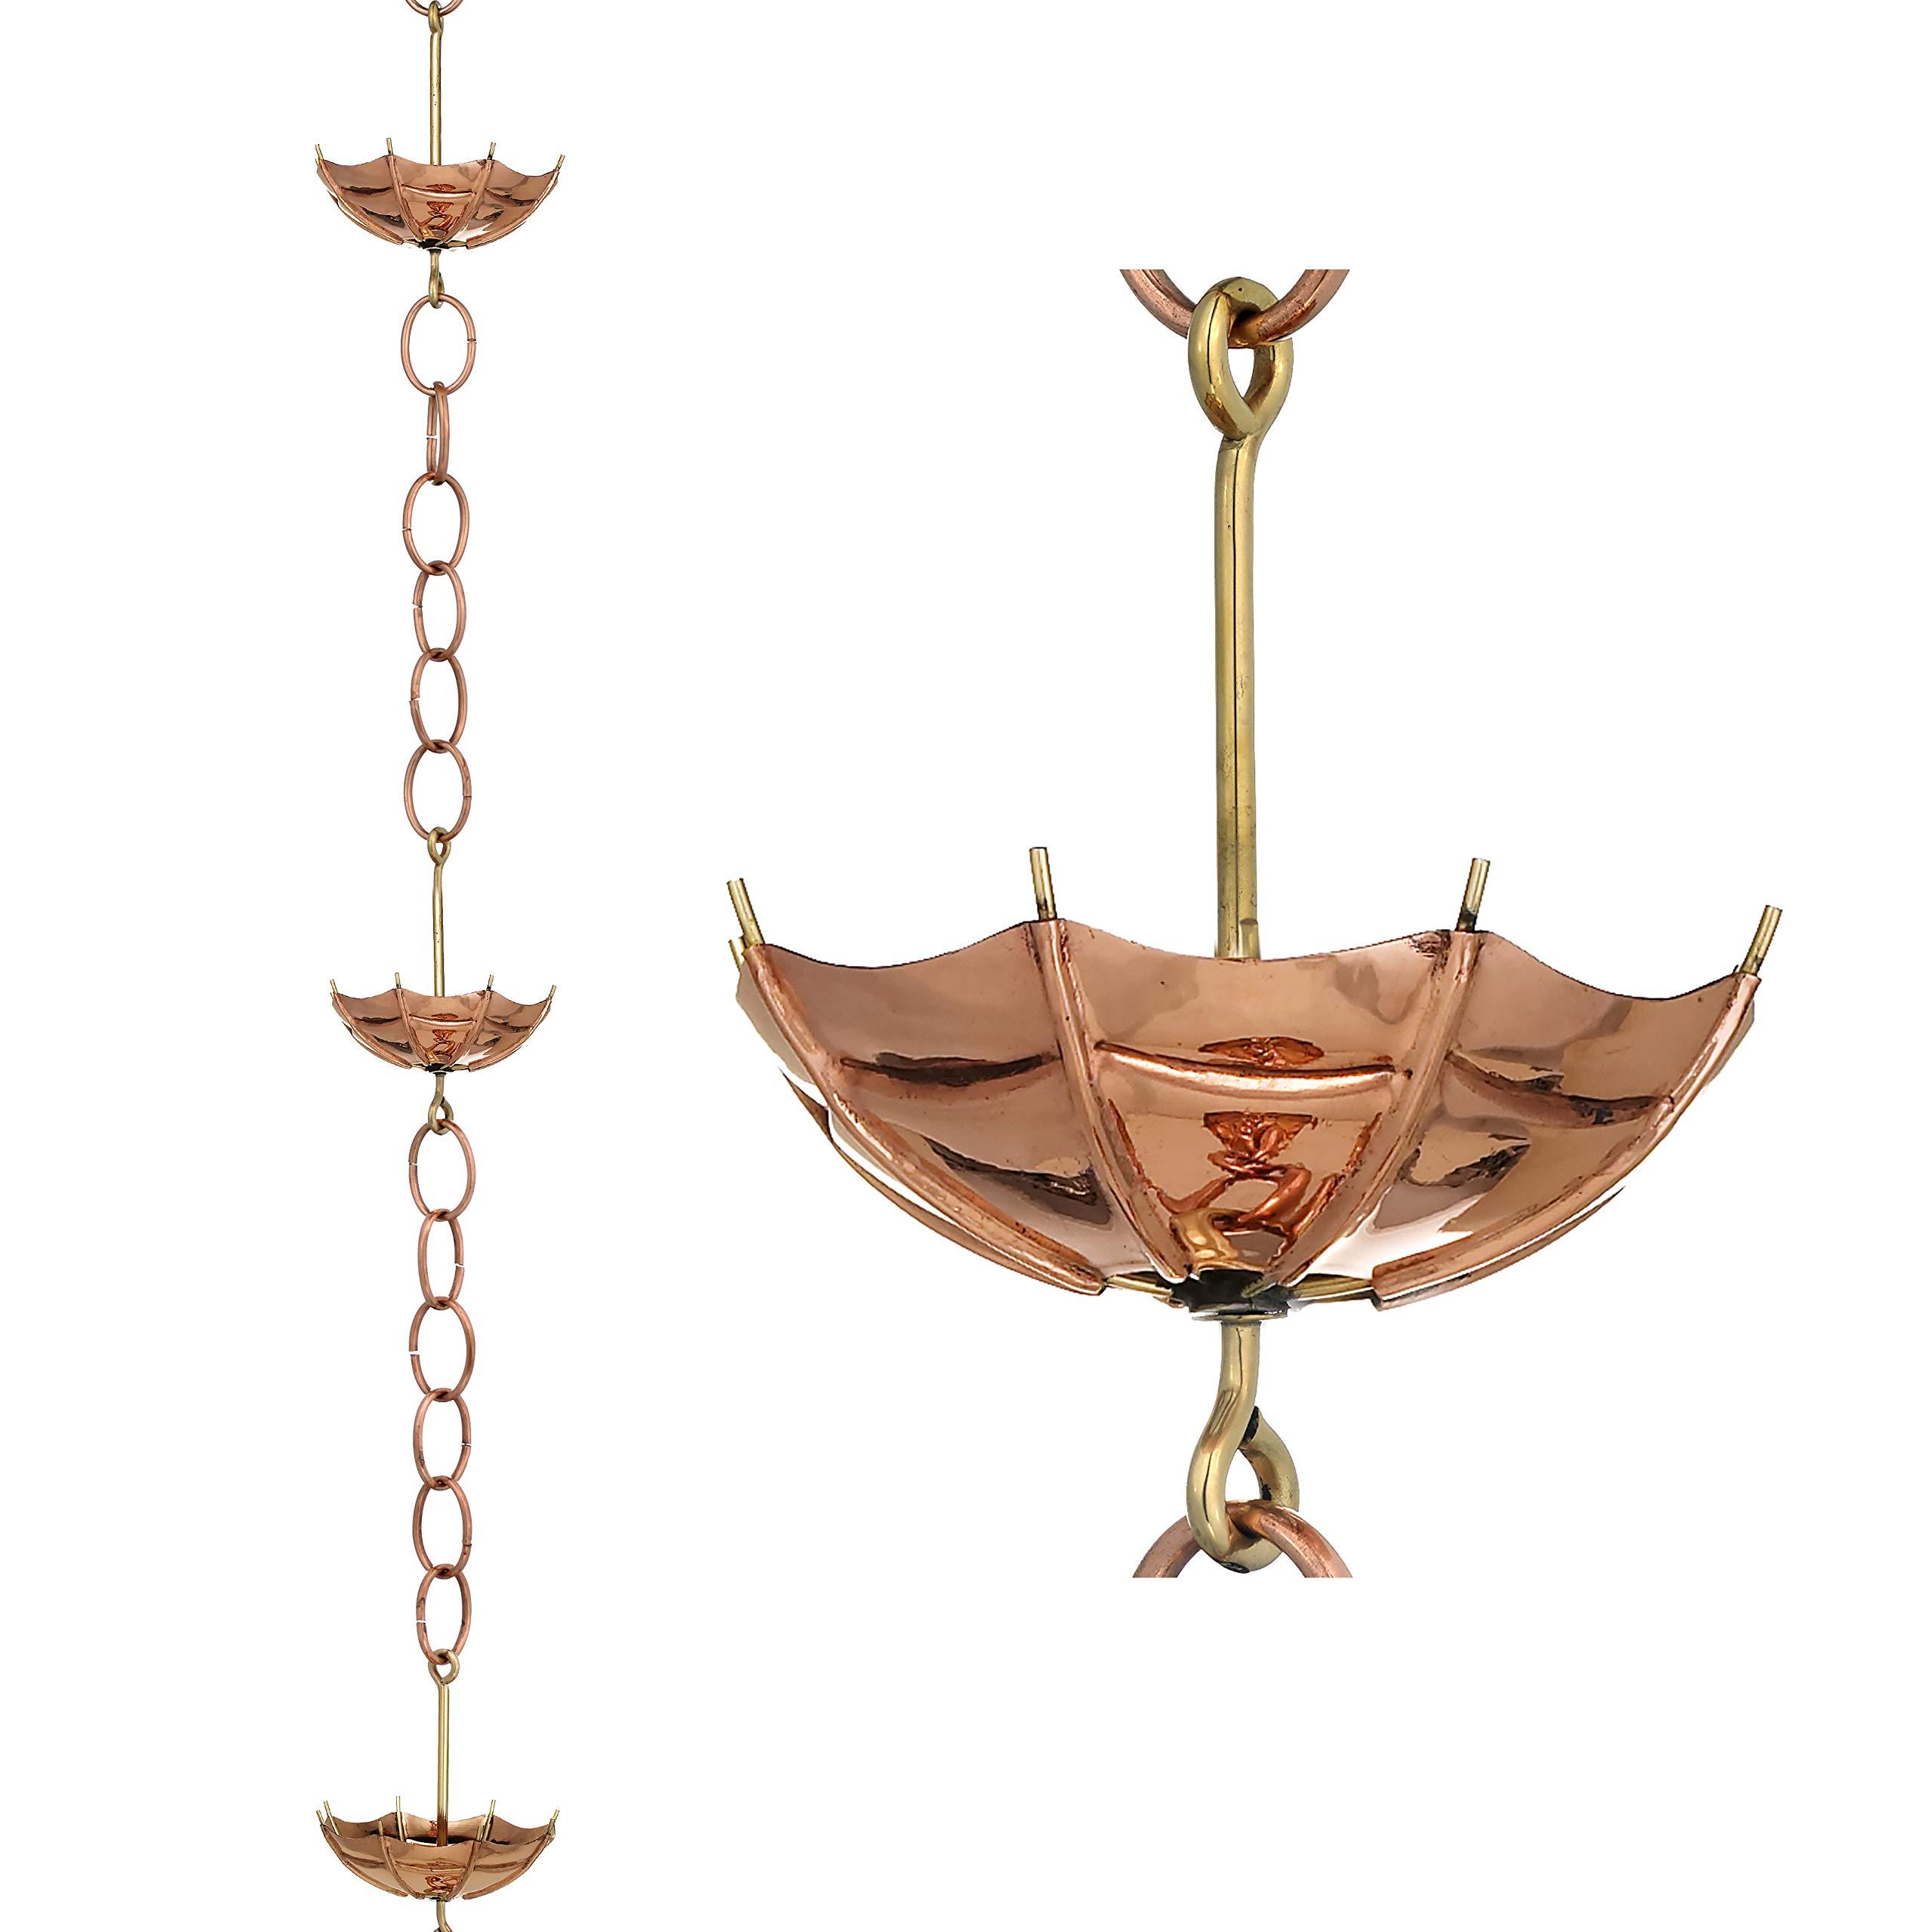 Good Directions Umbrella Pure Copper 8.5-Foot Rain Chain